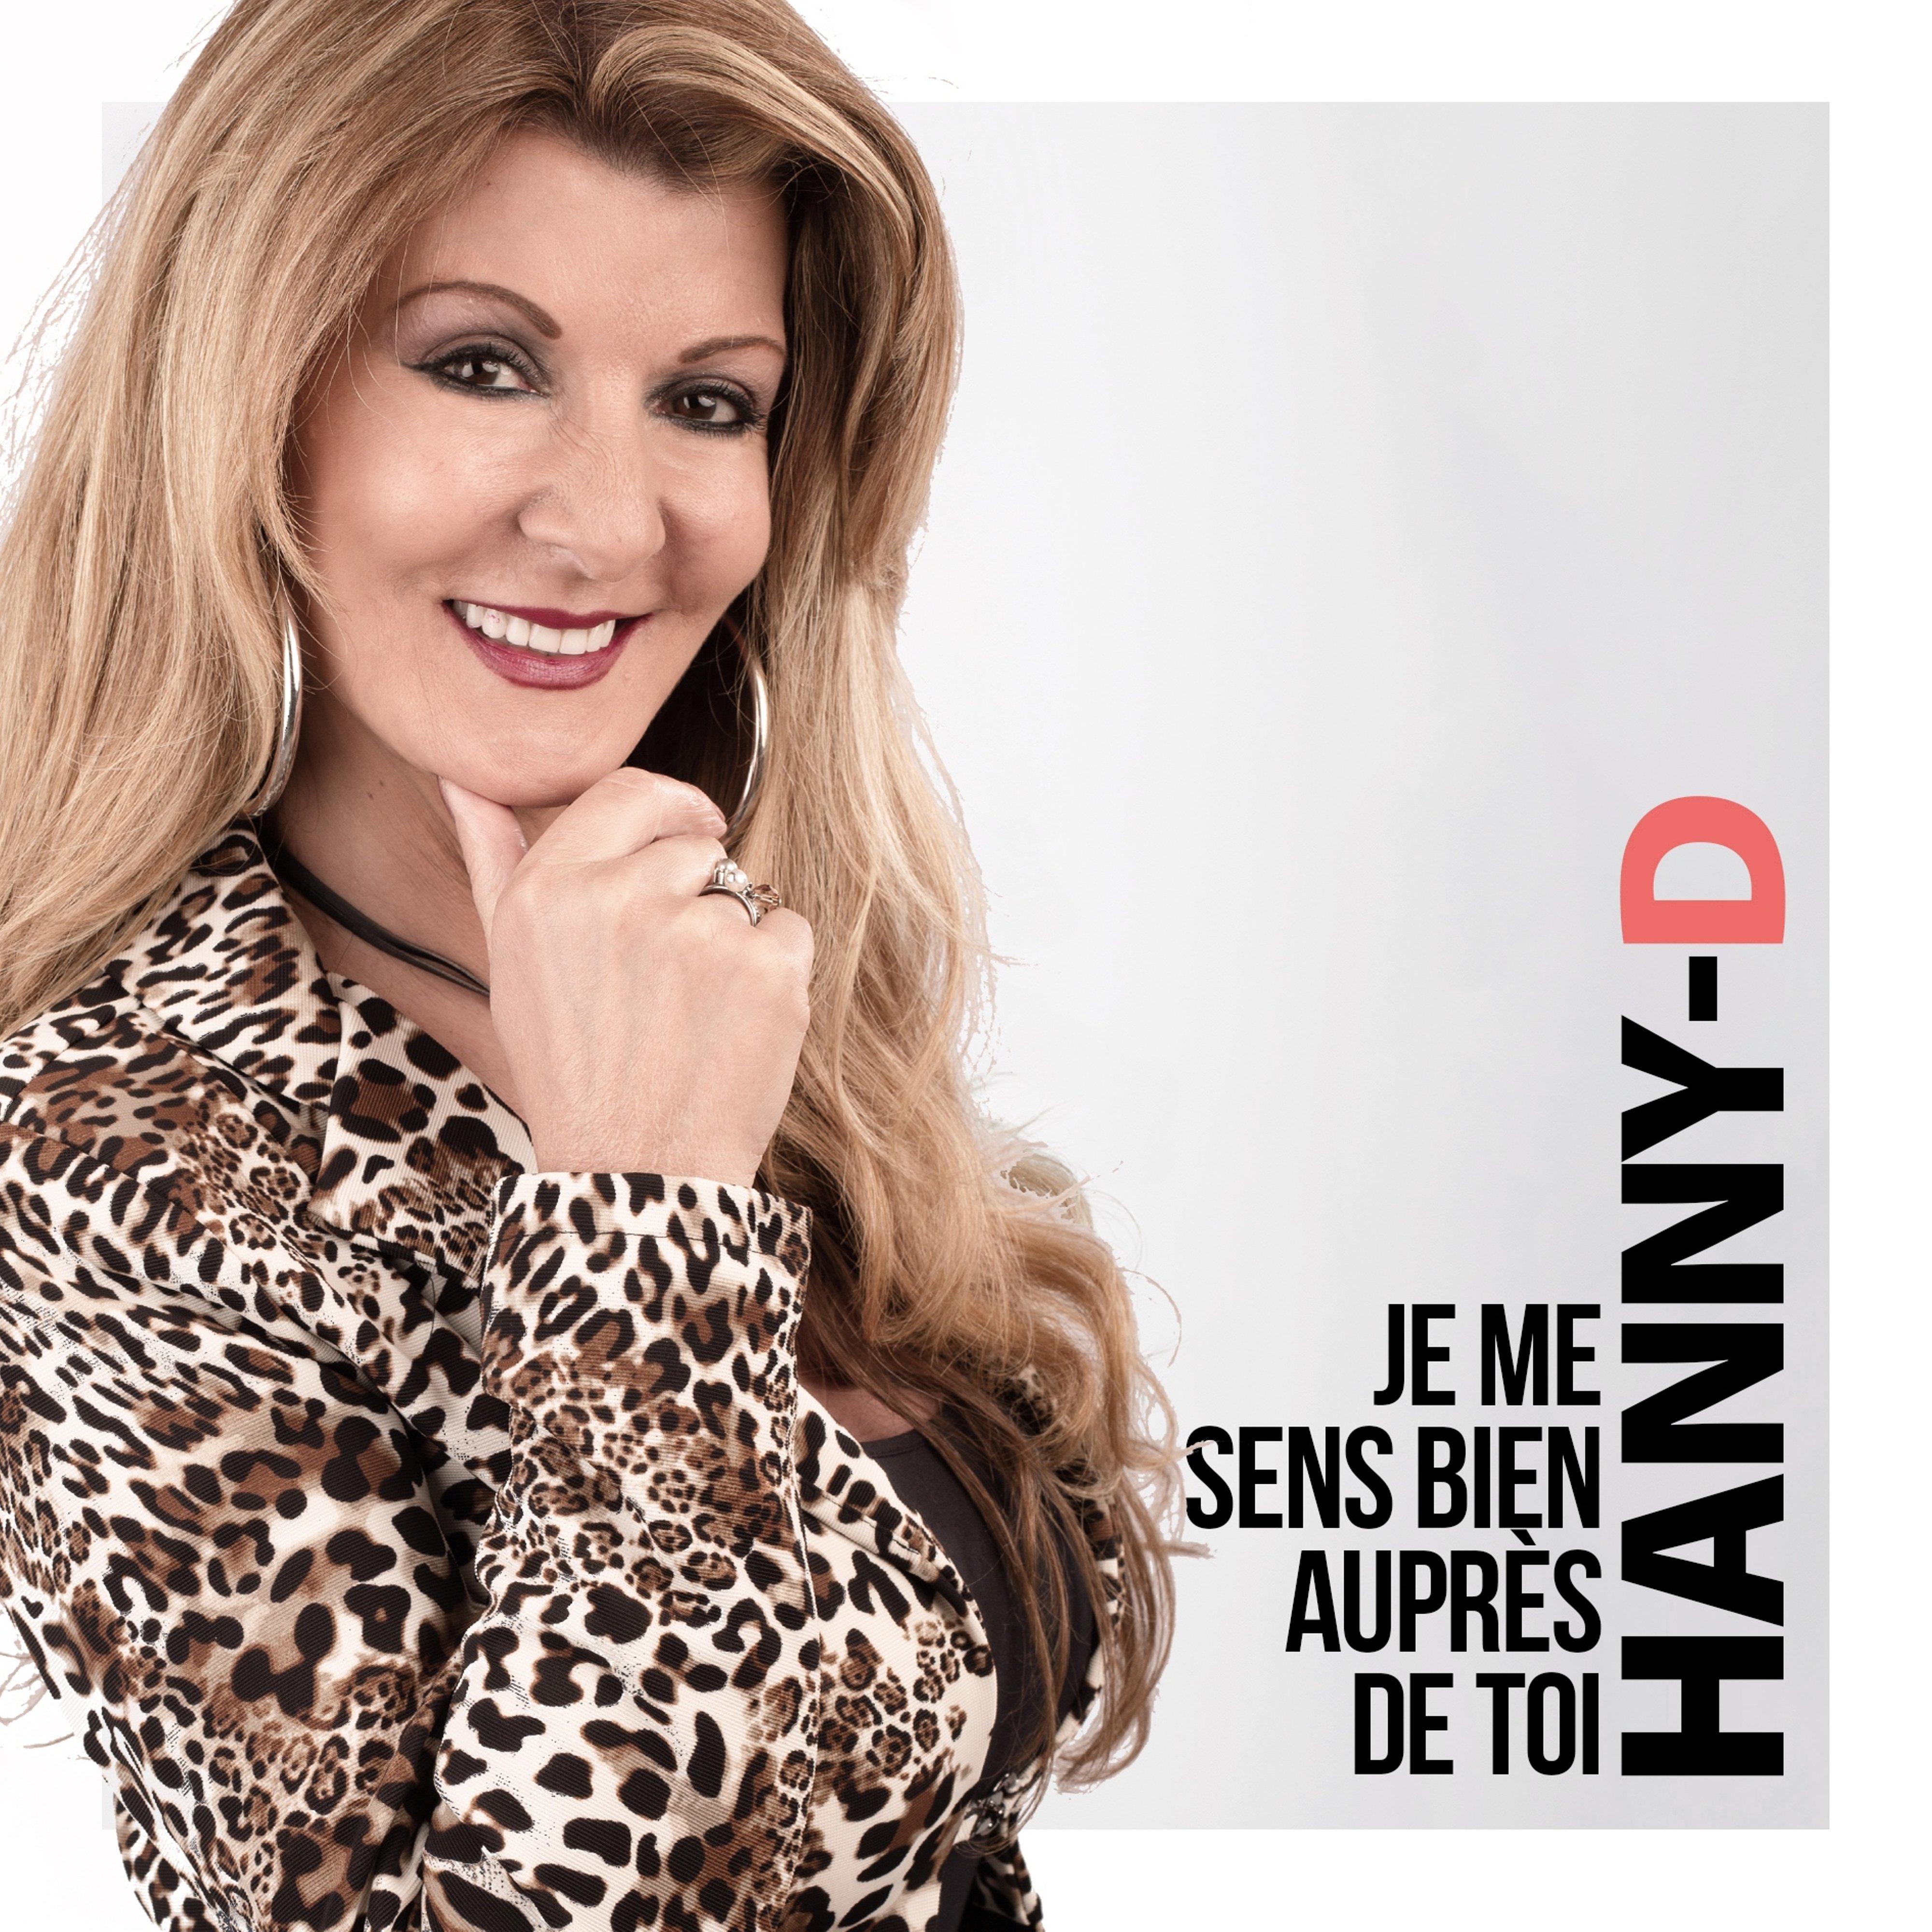 De Stunt van Hanny-D: 2 singles in één week - HANNY D Je me sens bien auprés de toi